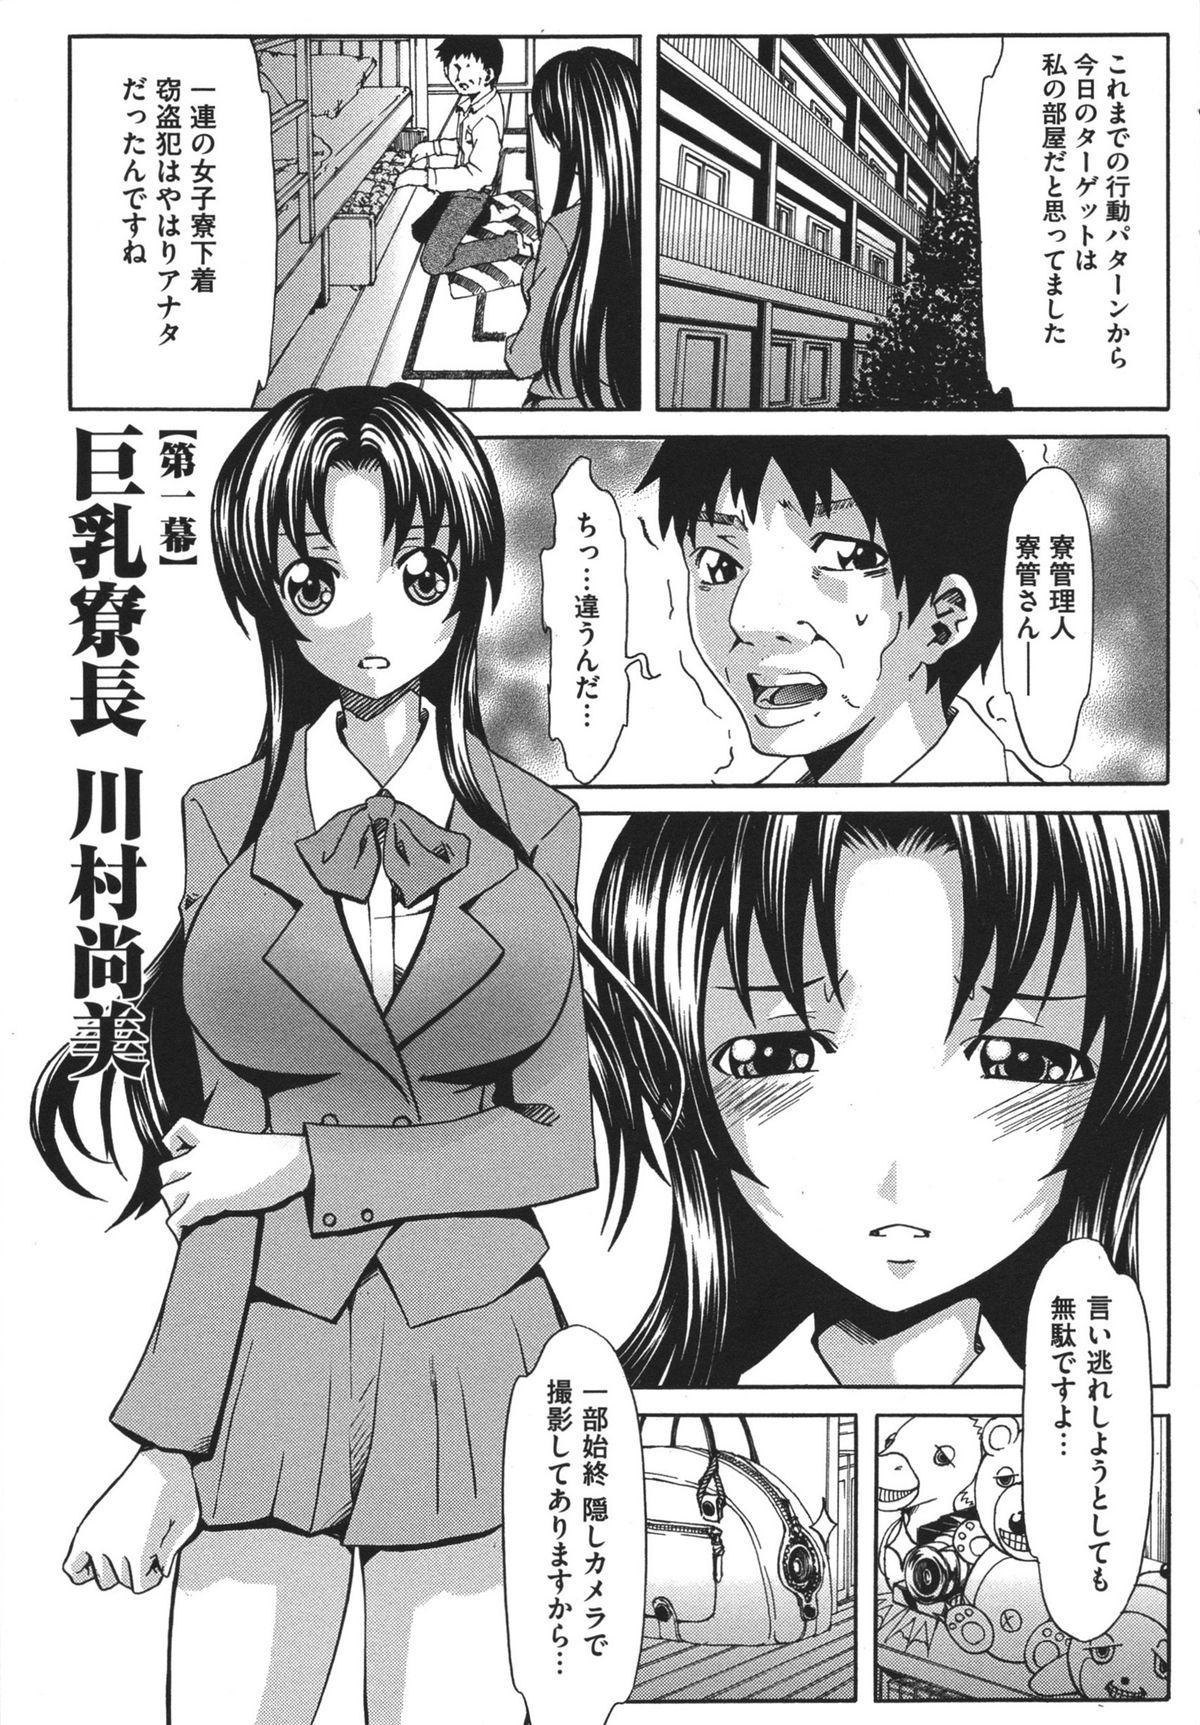 Chijoku no Sono 6